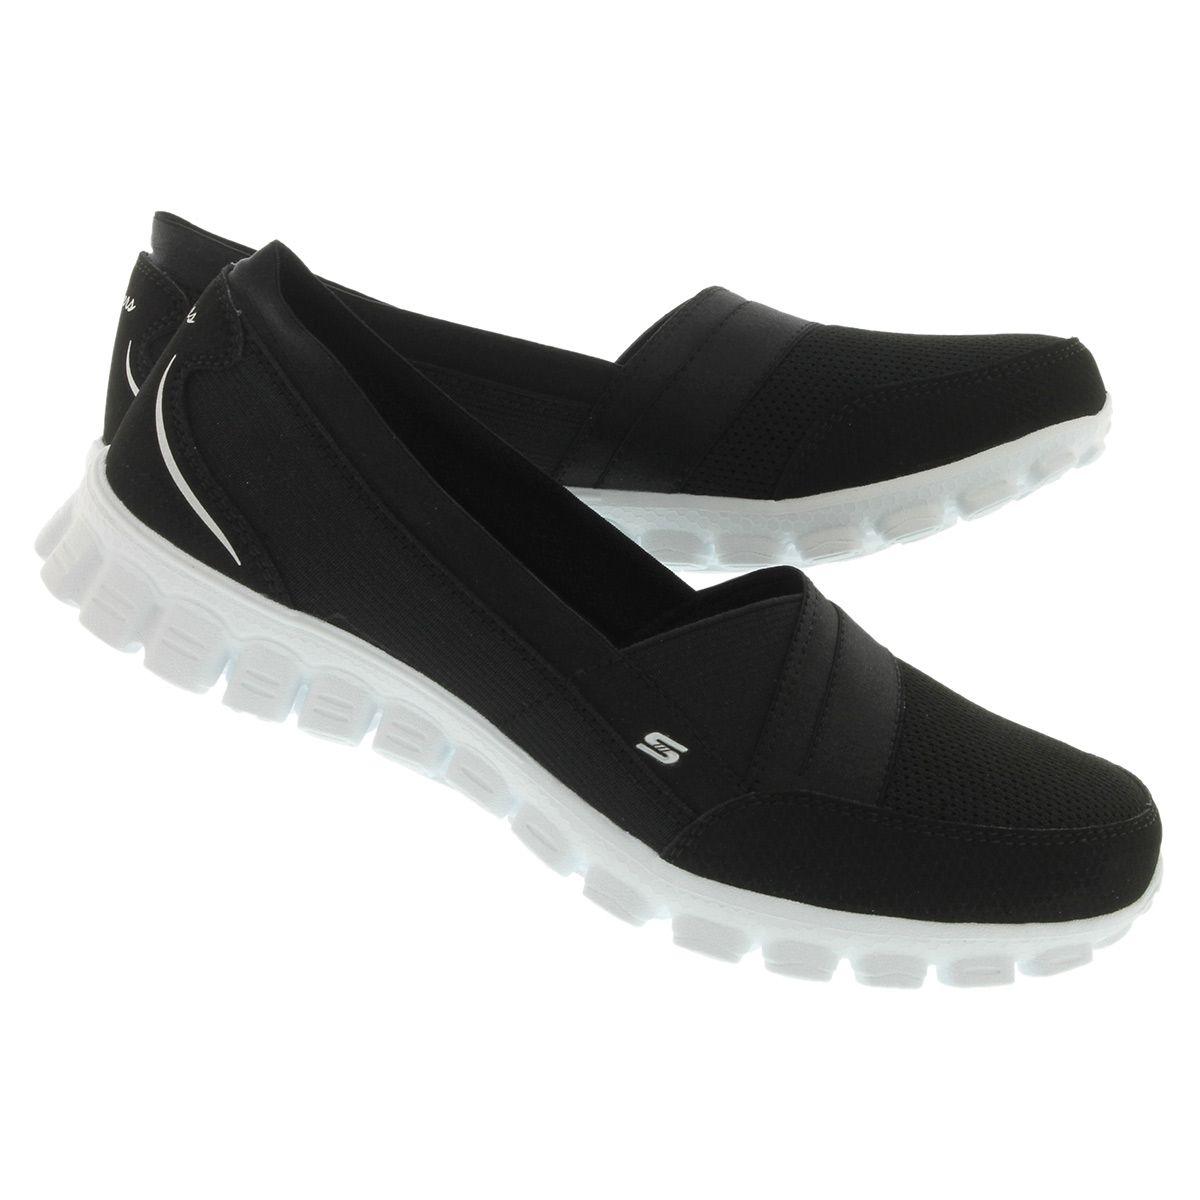 skechers women's quipster black walking shoe